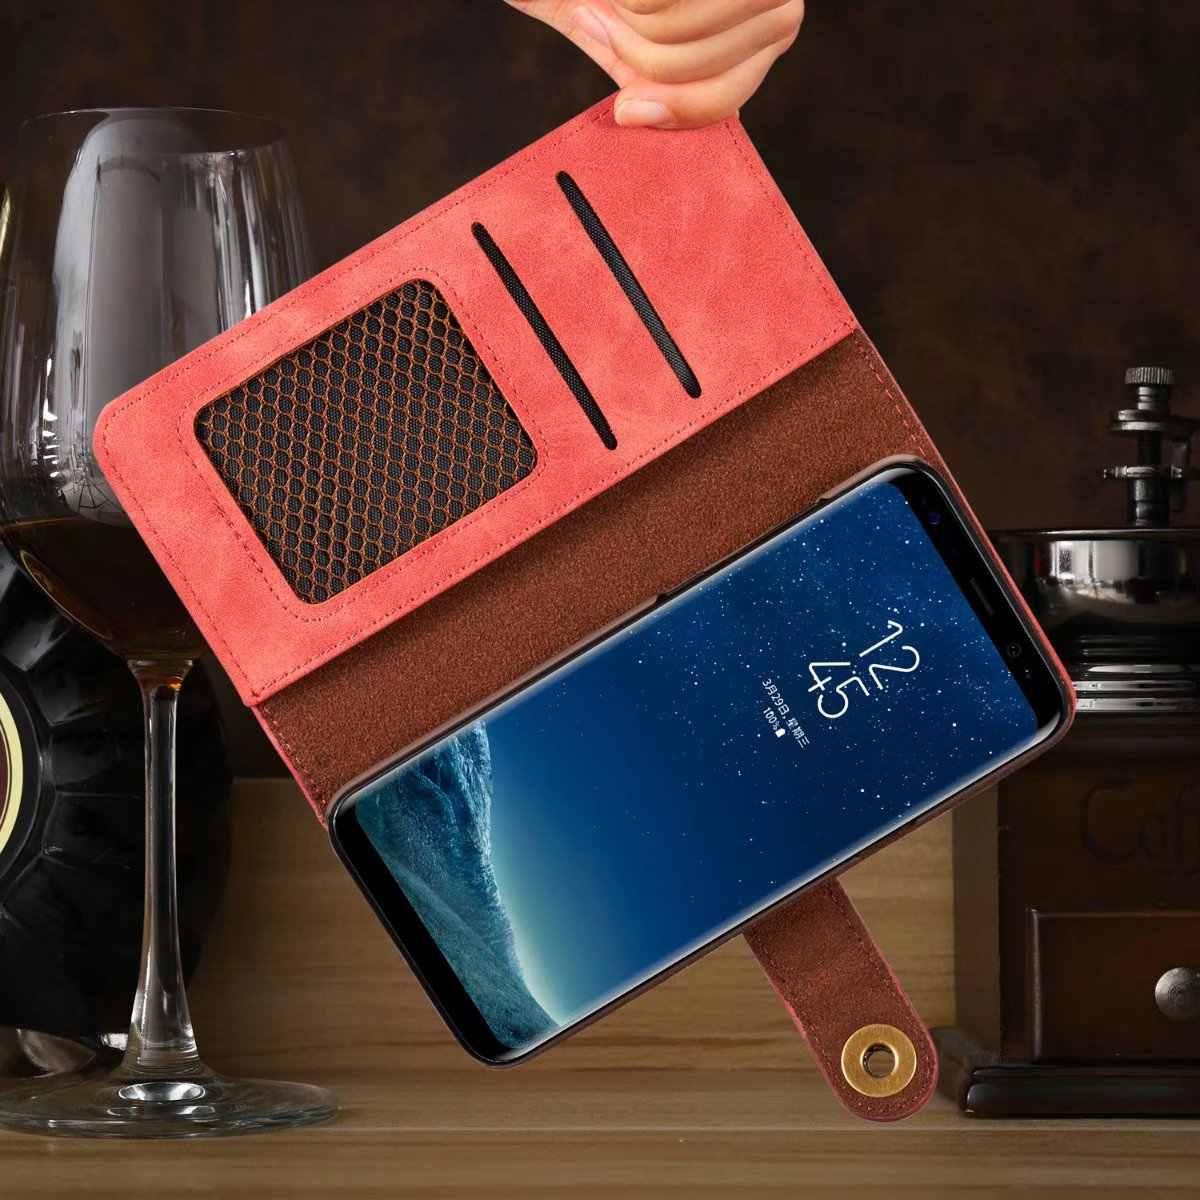 أغطية جلد قابلة للإزالة لهاتف آيفون X XR XS MAX 8 7 6S Plus 5s سامسونج جالاكسي نوت 9 8 S9 S8 Plus S7 Edge محفظة كروت أغلفة